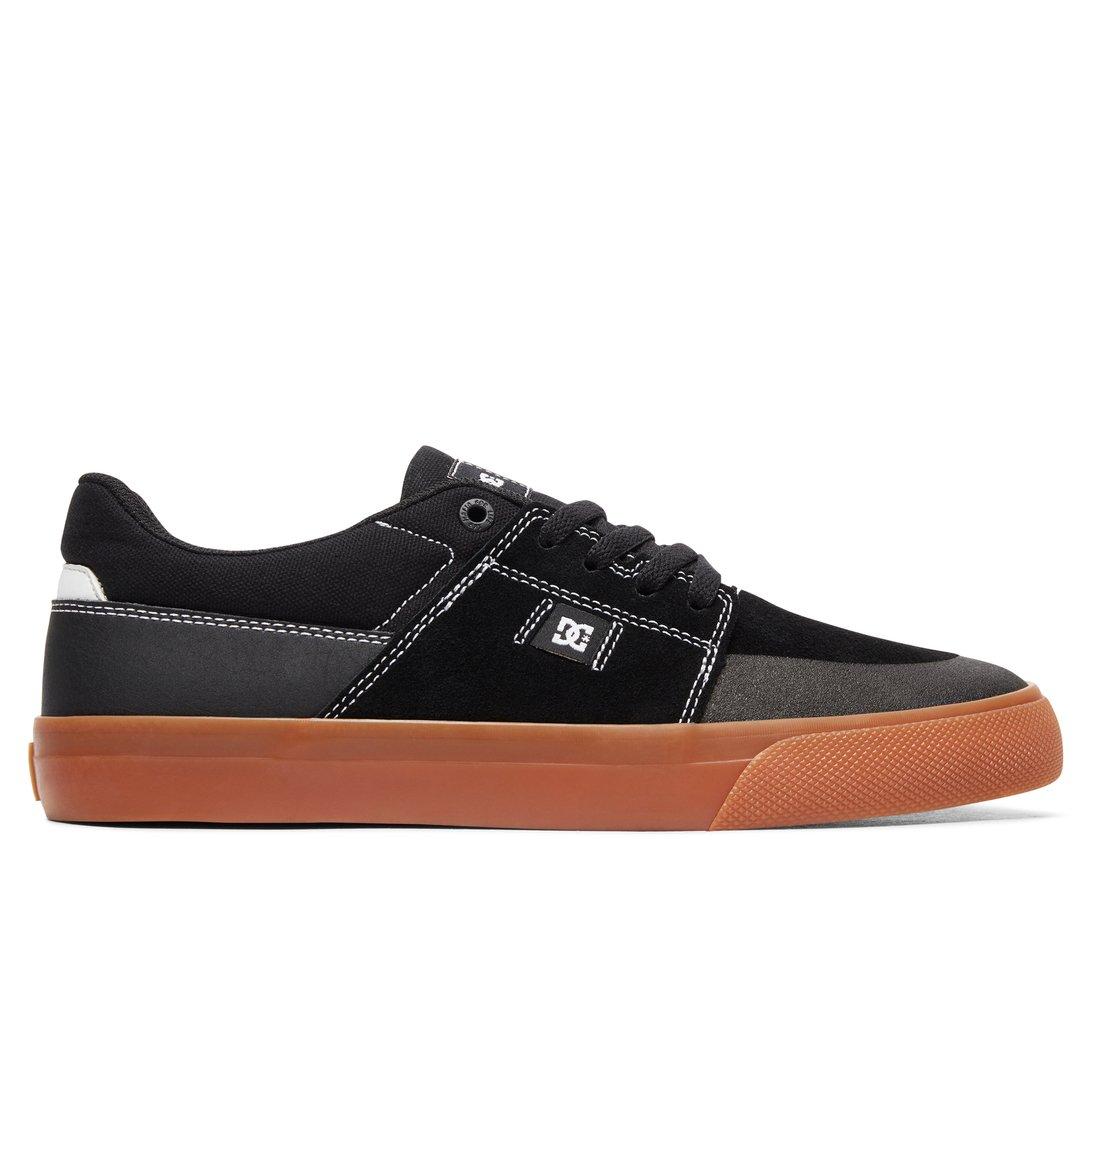 Wes Hombre Shoes Dc Adys300315 Para Zapatos Kremer 7w4q7r